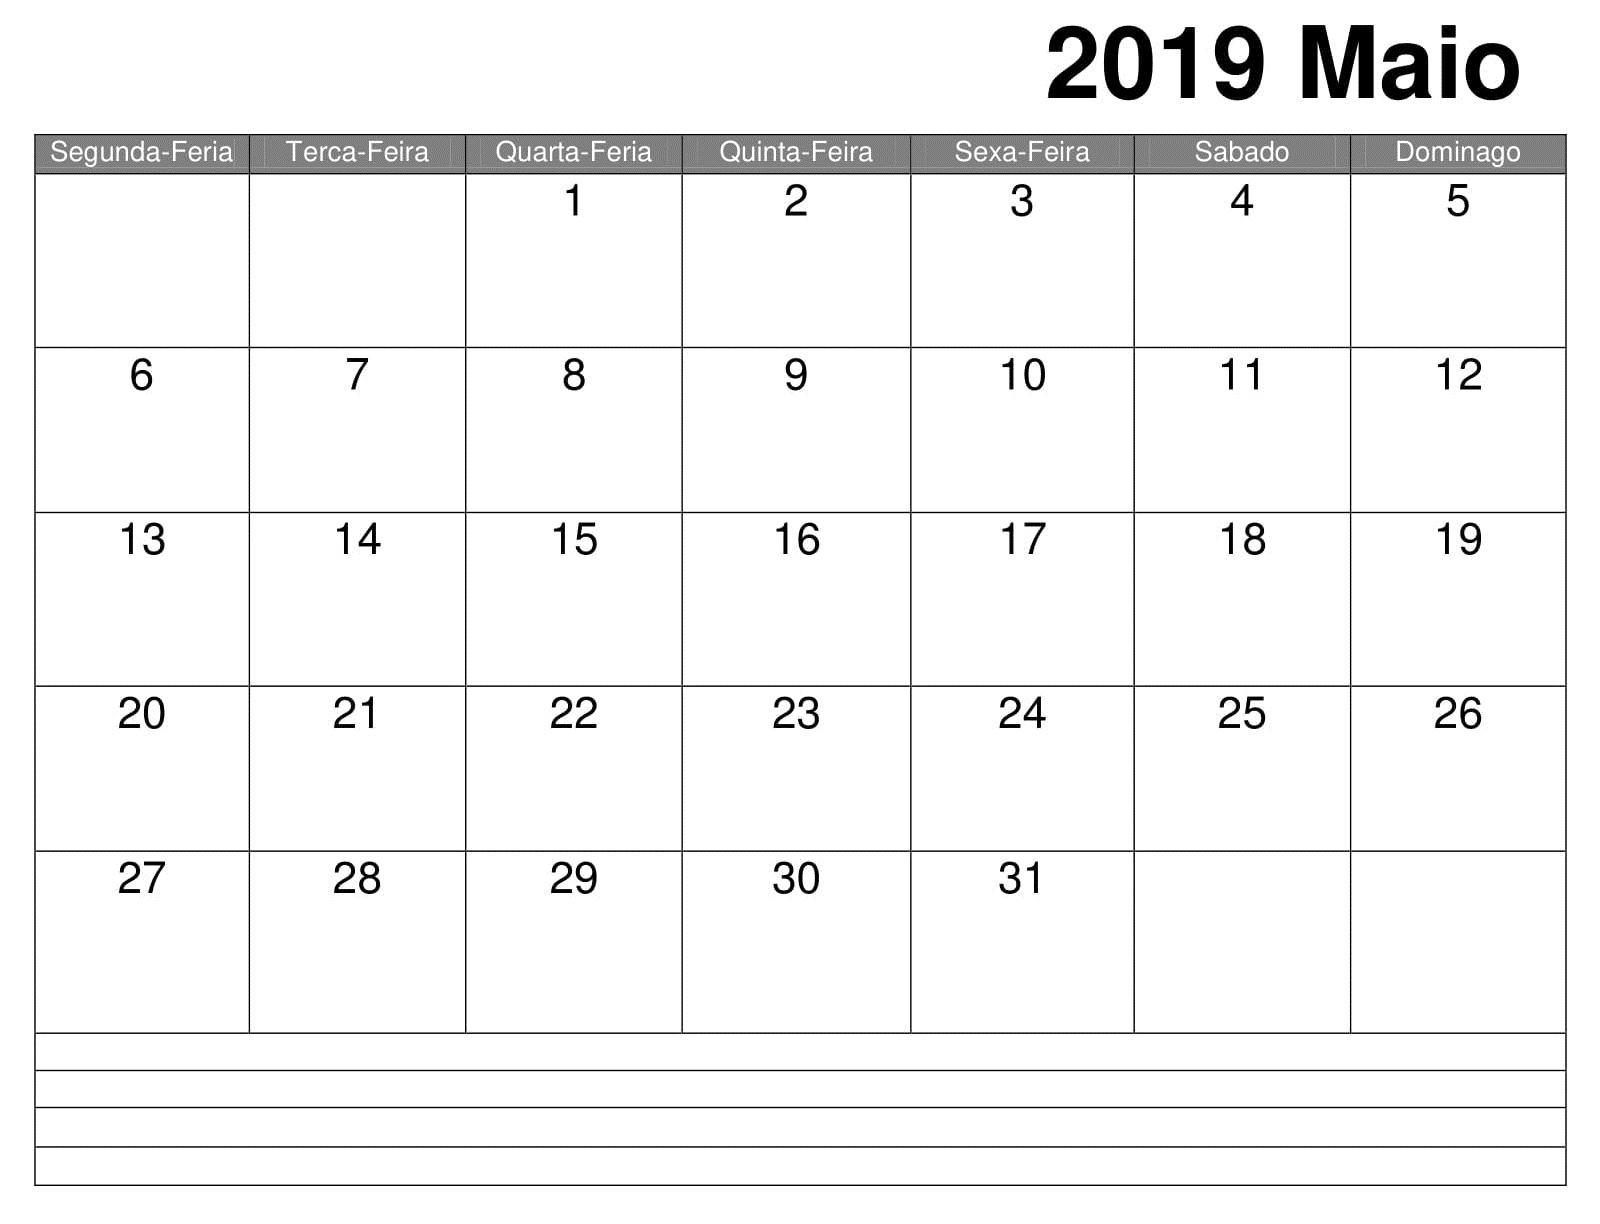 Livre Calendário 2019 Maio